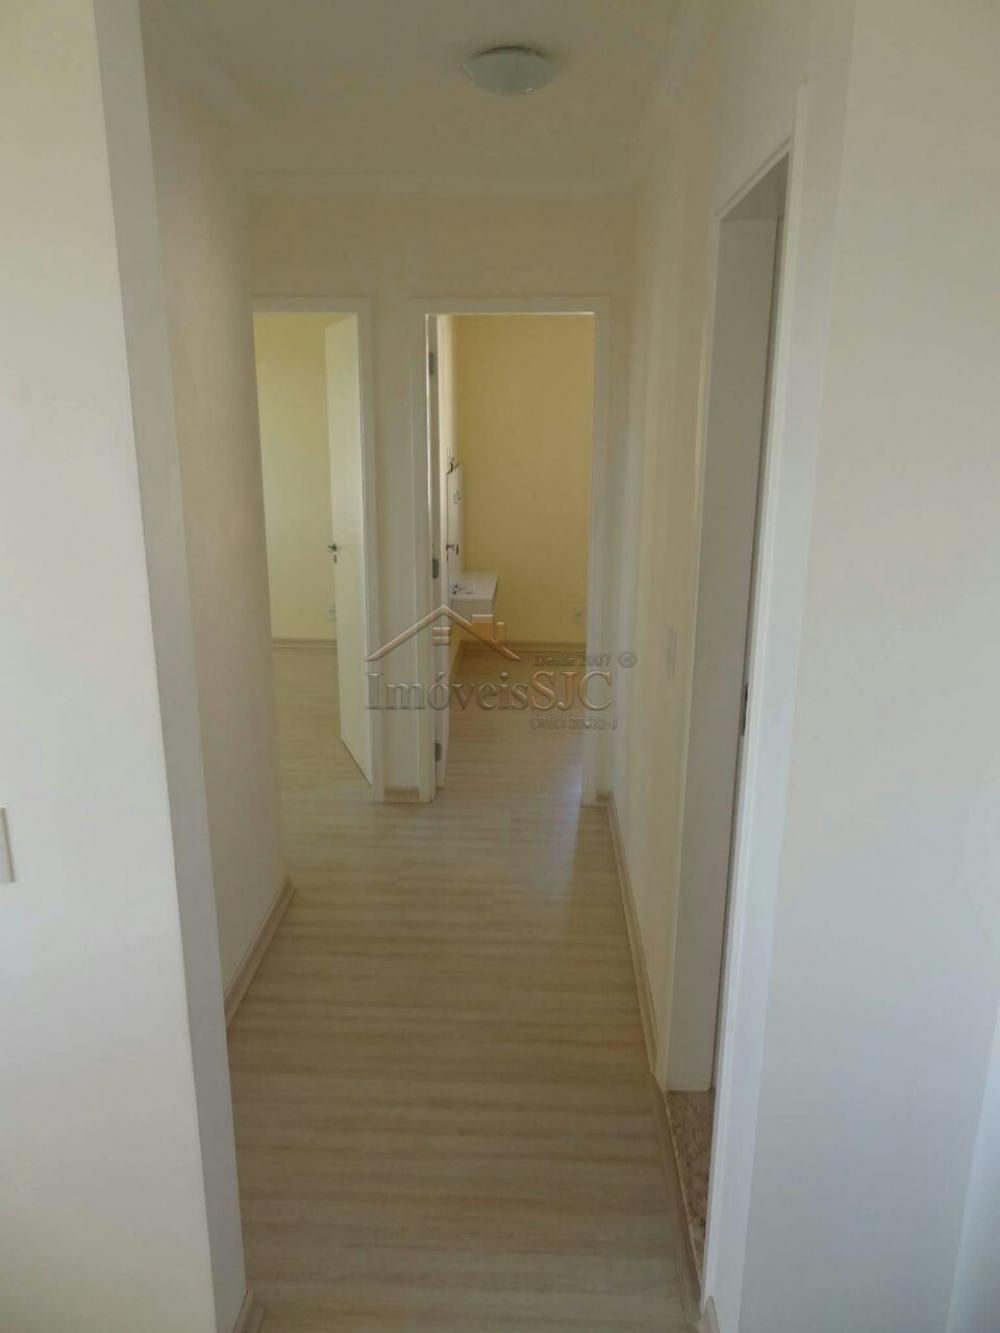 Comprar Apartamentos / Padrão em São José dos Campos apenas R$ 280.000,00 - Foto 5